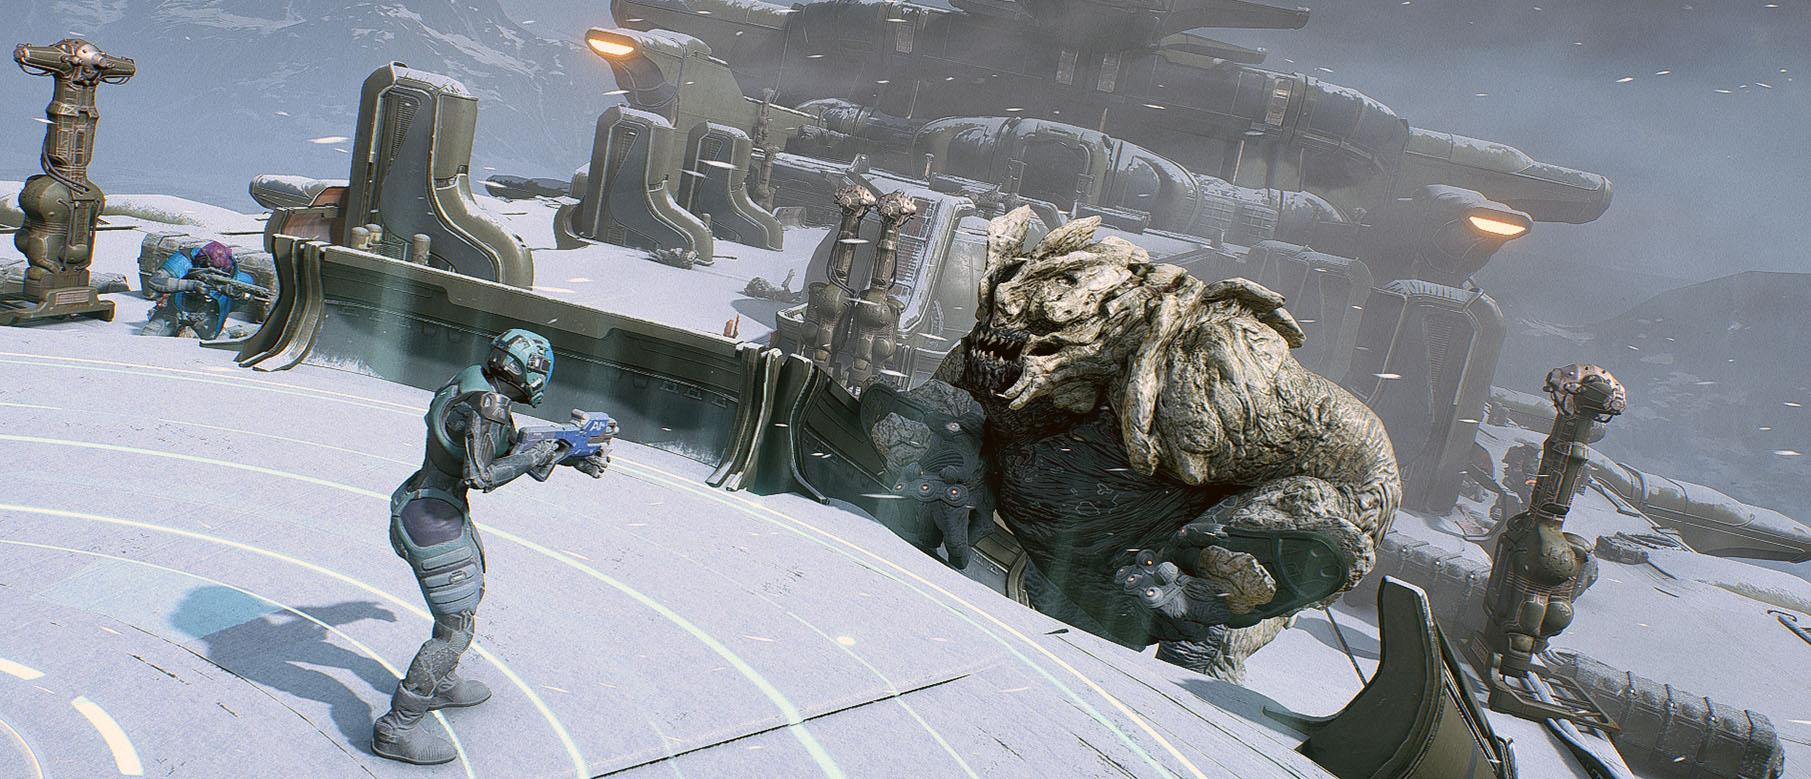 X5 Ghost Mass Effect Andromeda: Вы могли не заметить, но Bioware уже добавили винтовку X5